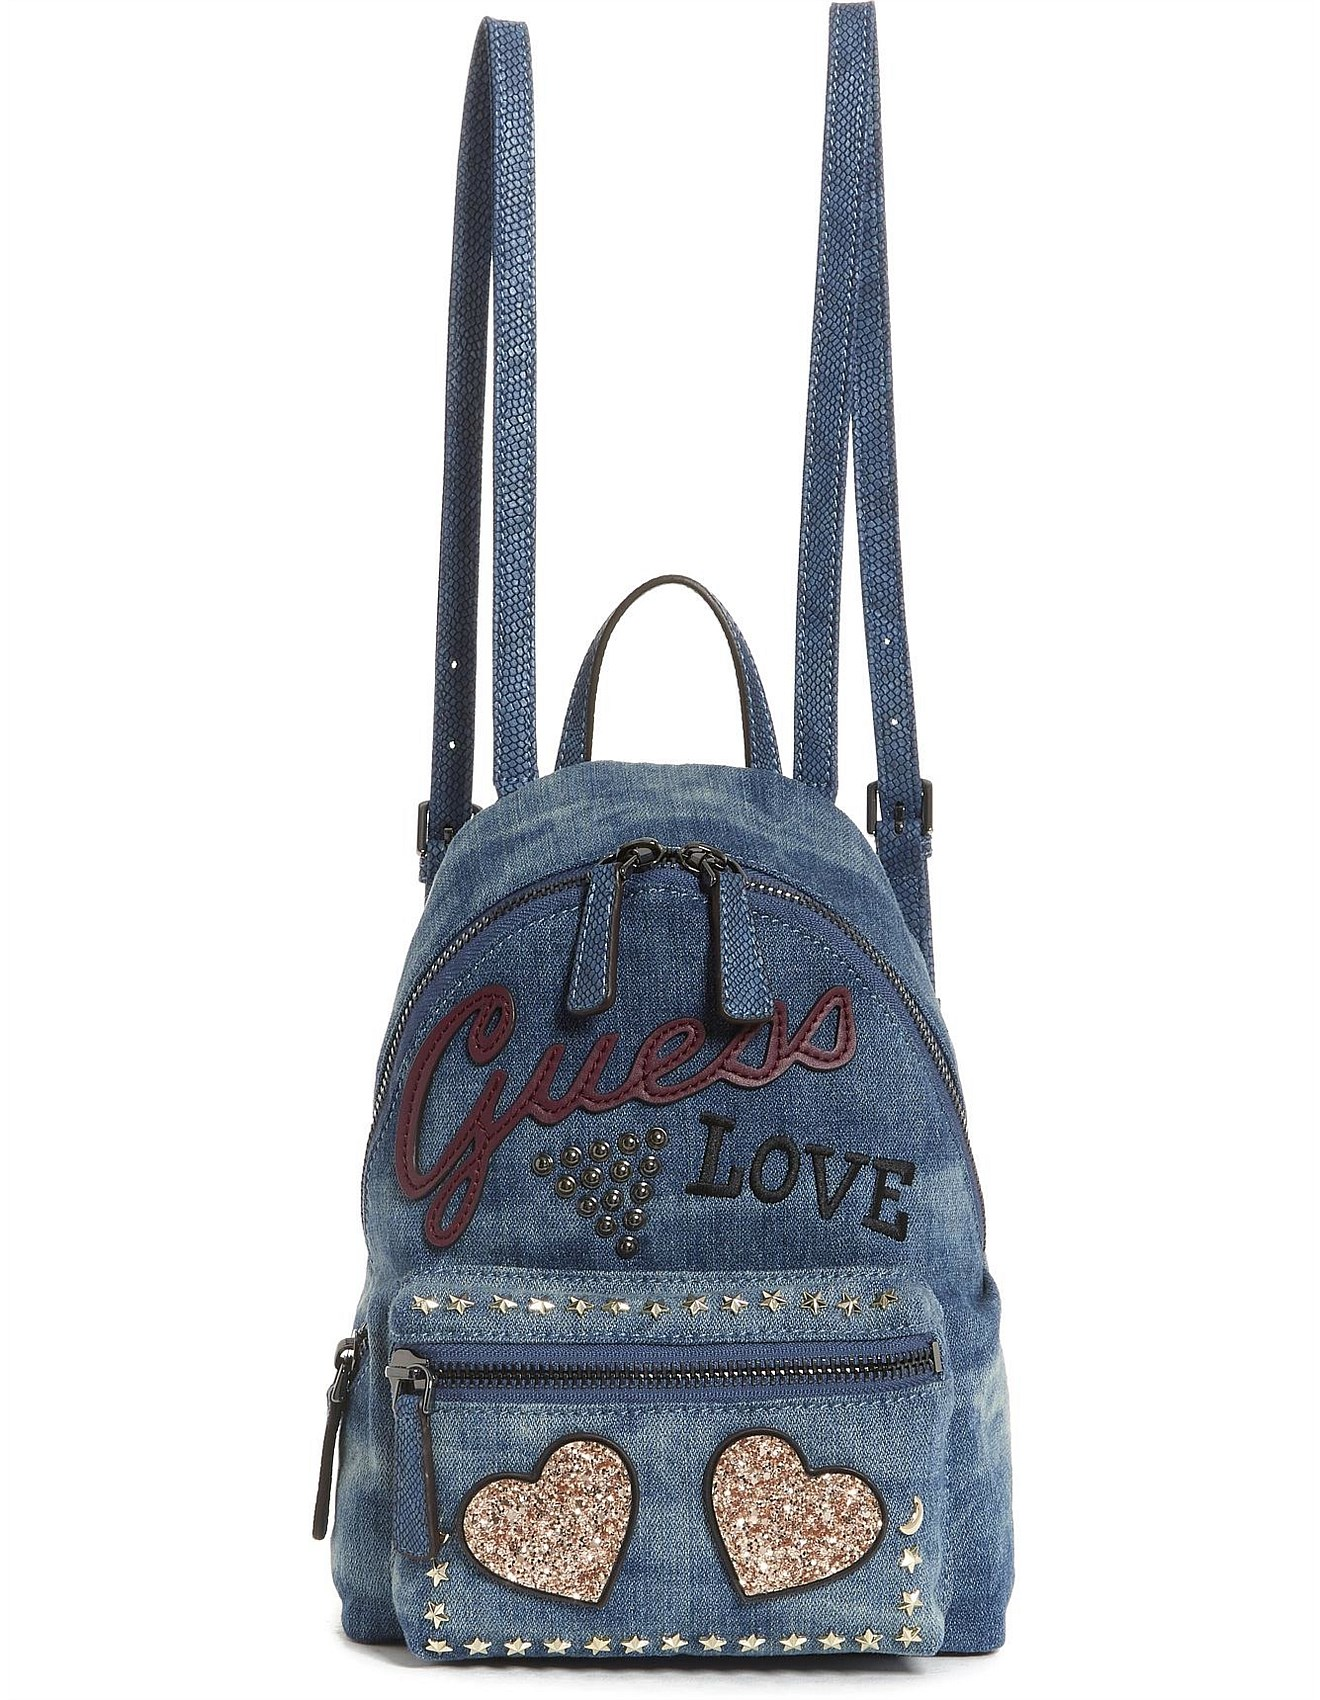 Ladies backpack URBAN SPORT